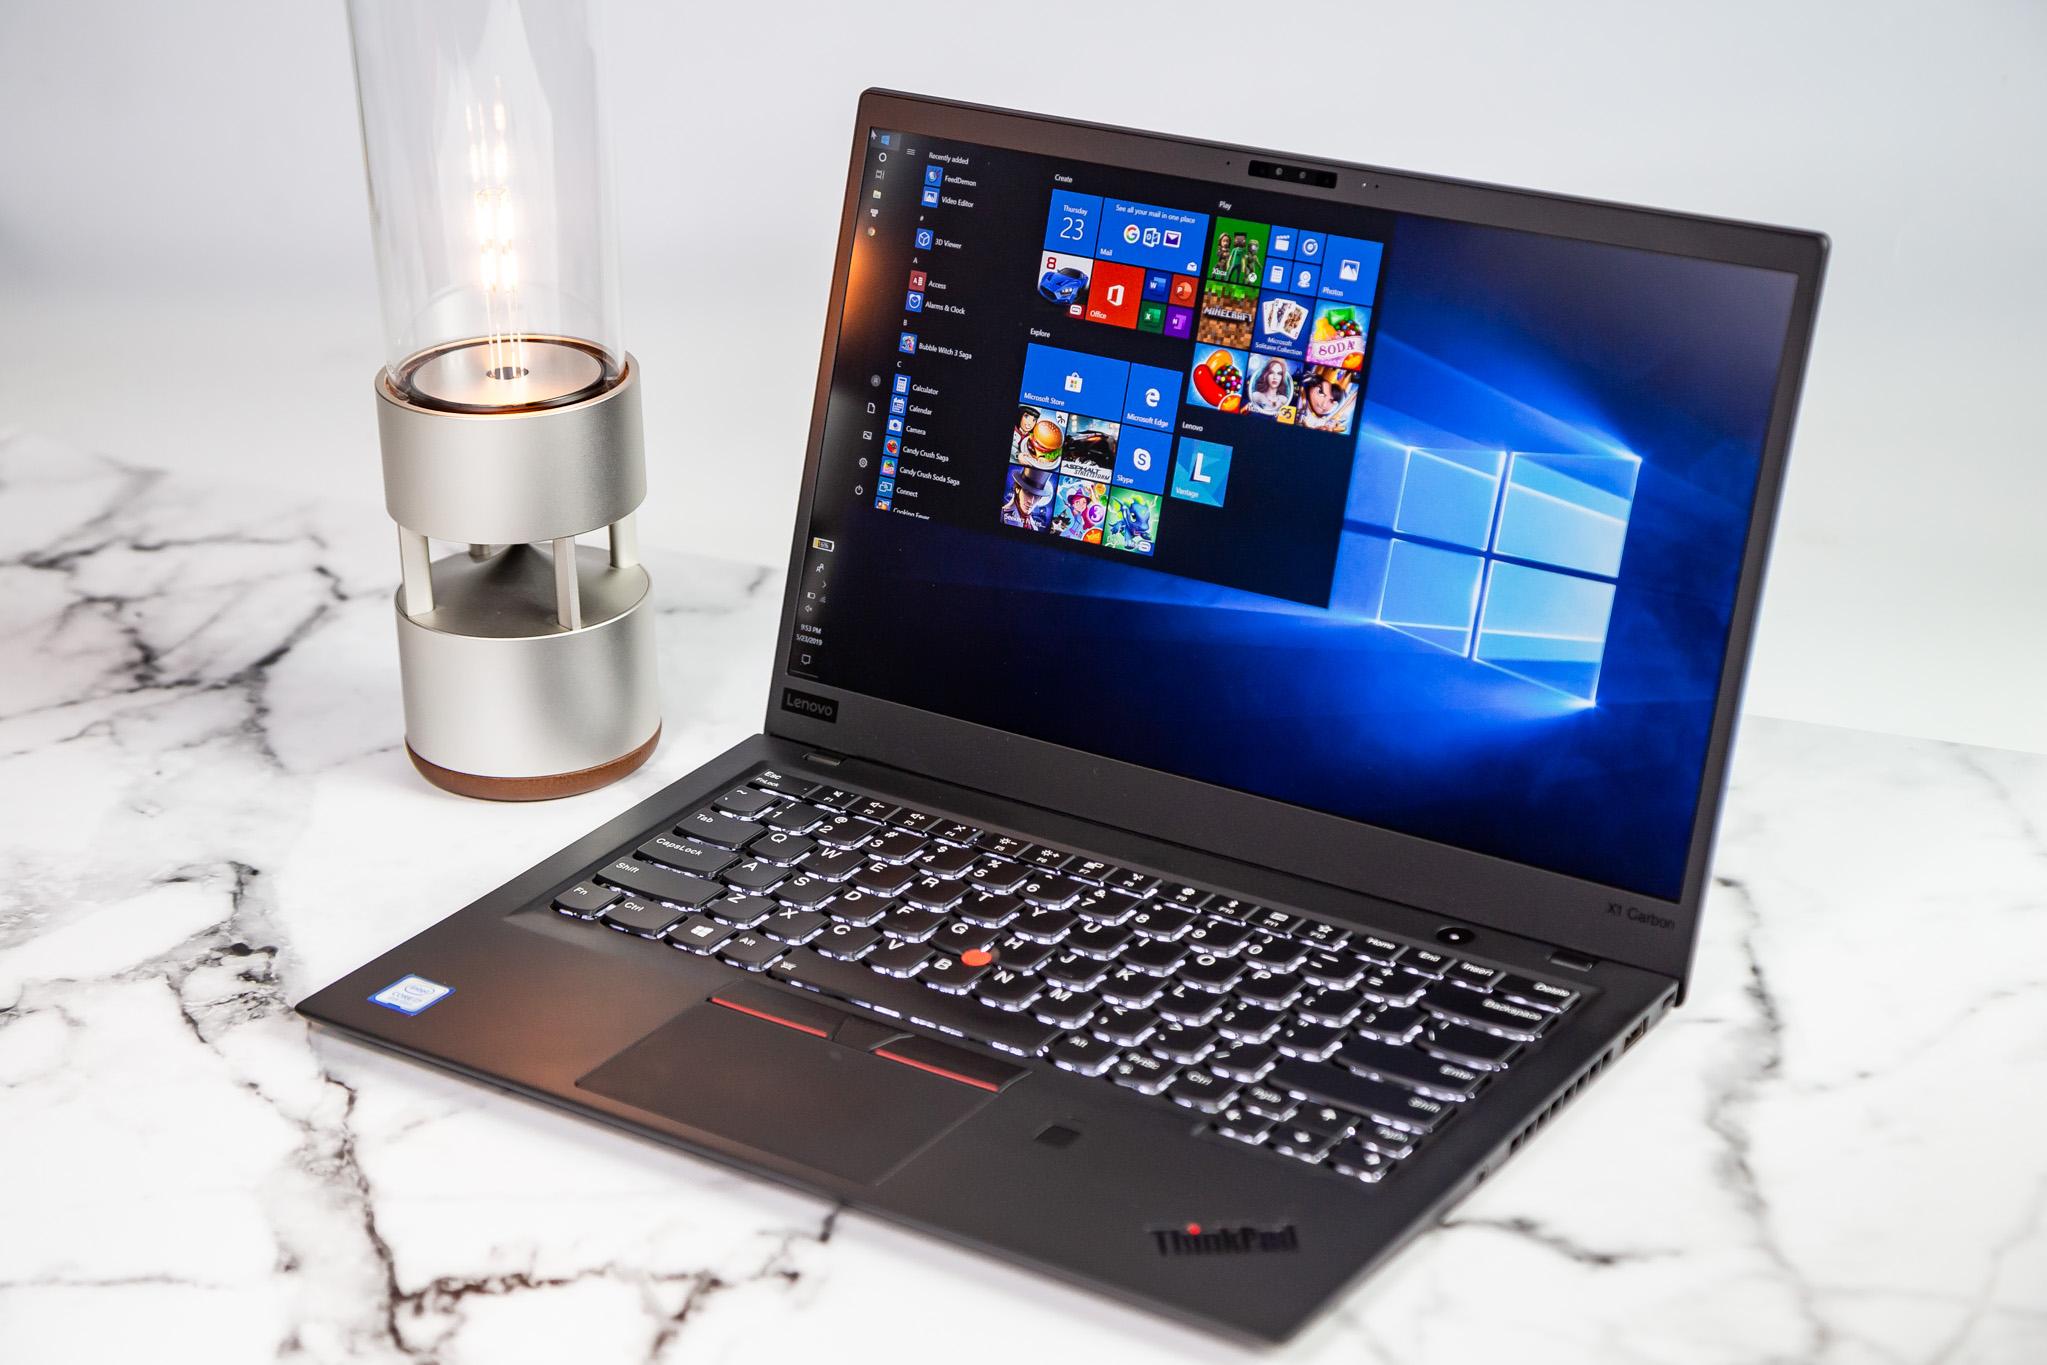 Lenovo ThinkPad X1 Carbon Gen 6 là lựa chọn hấp dẫn cho dân văn phòng